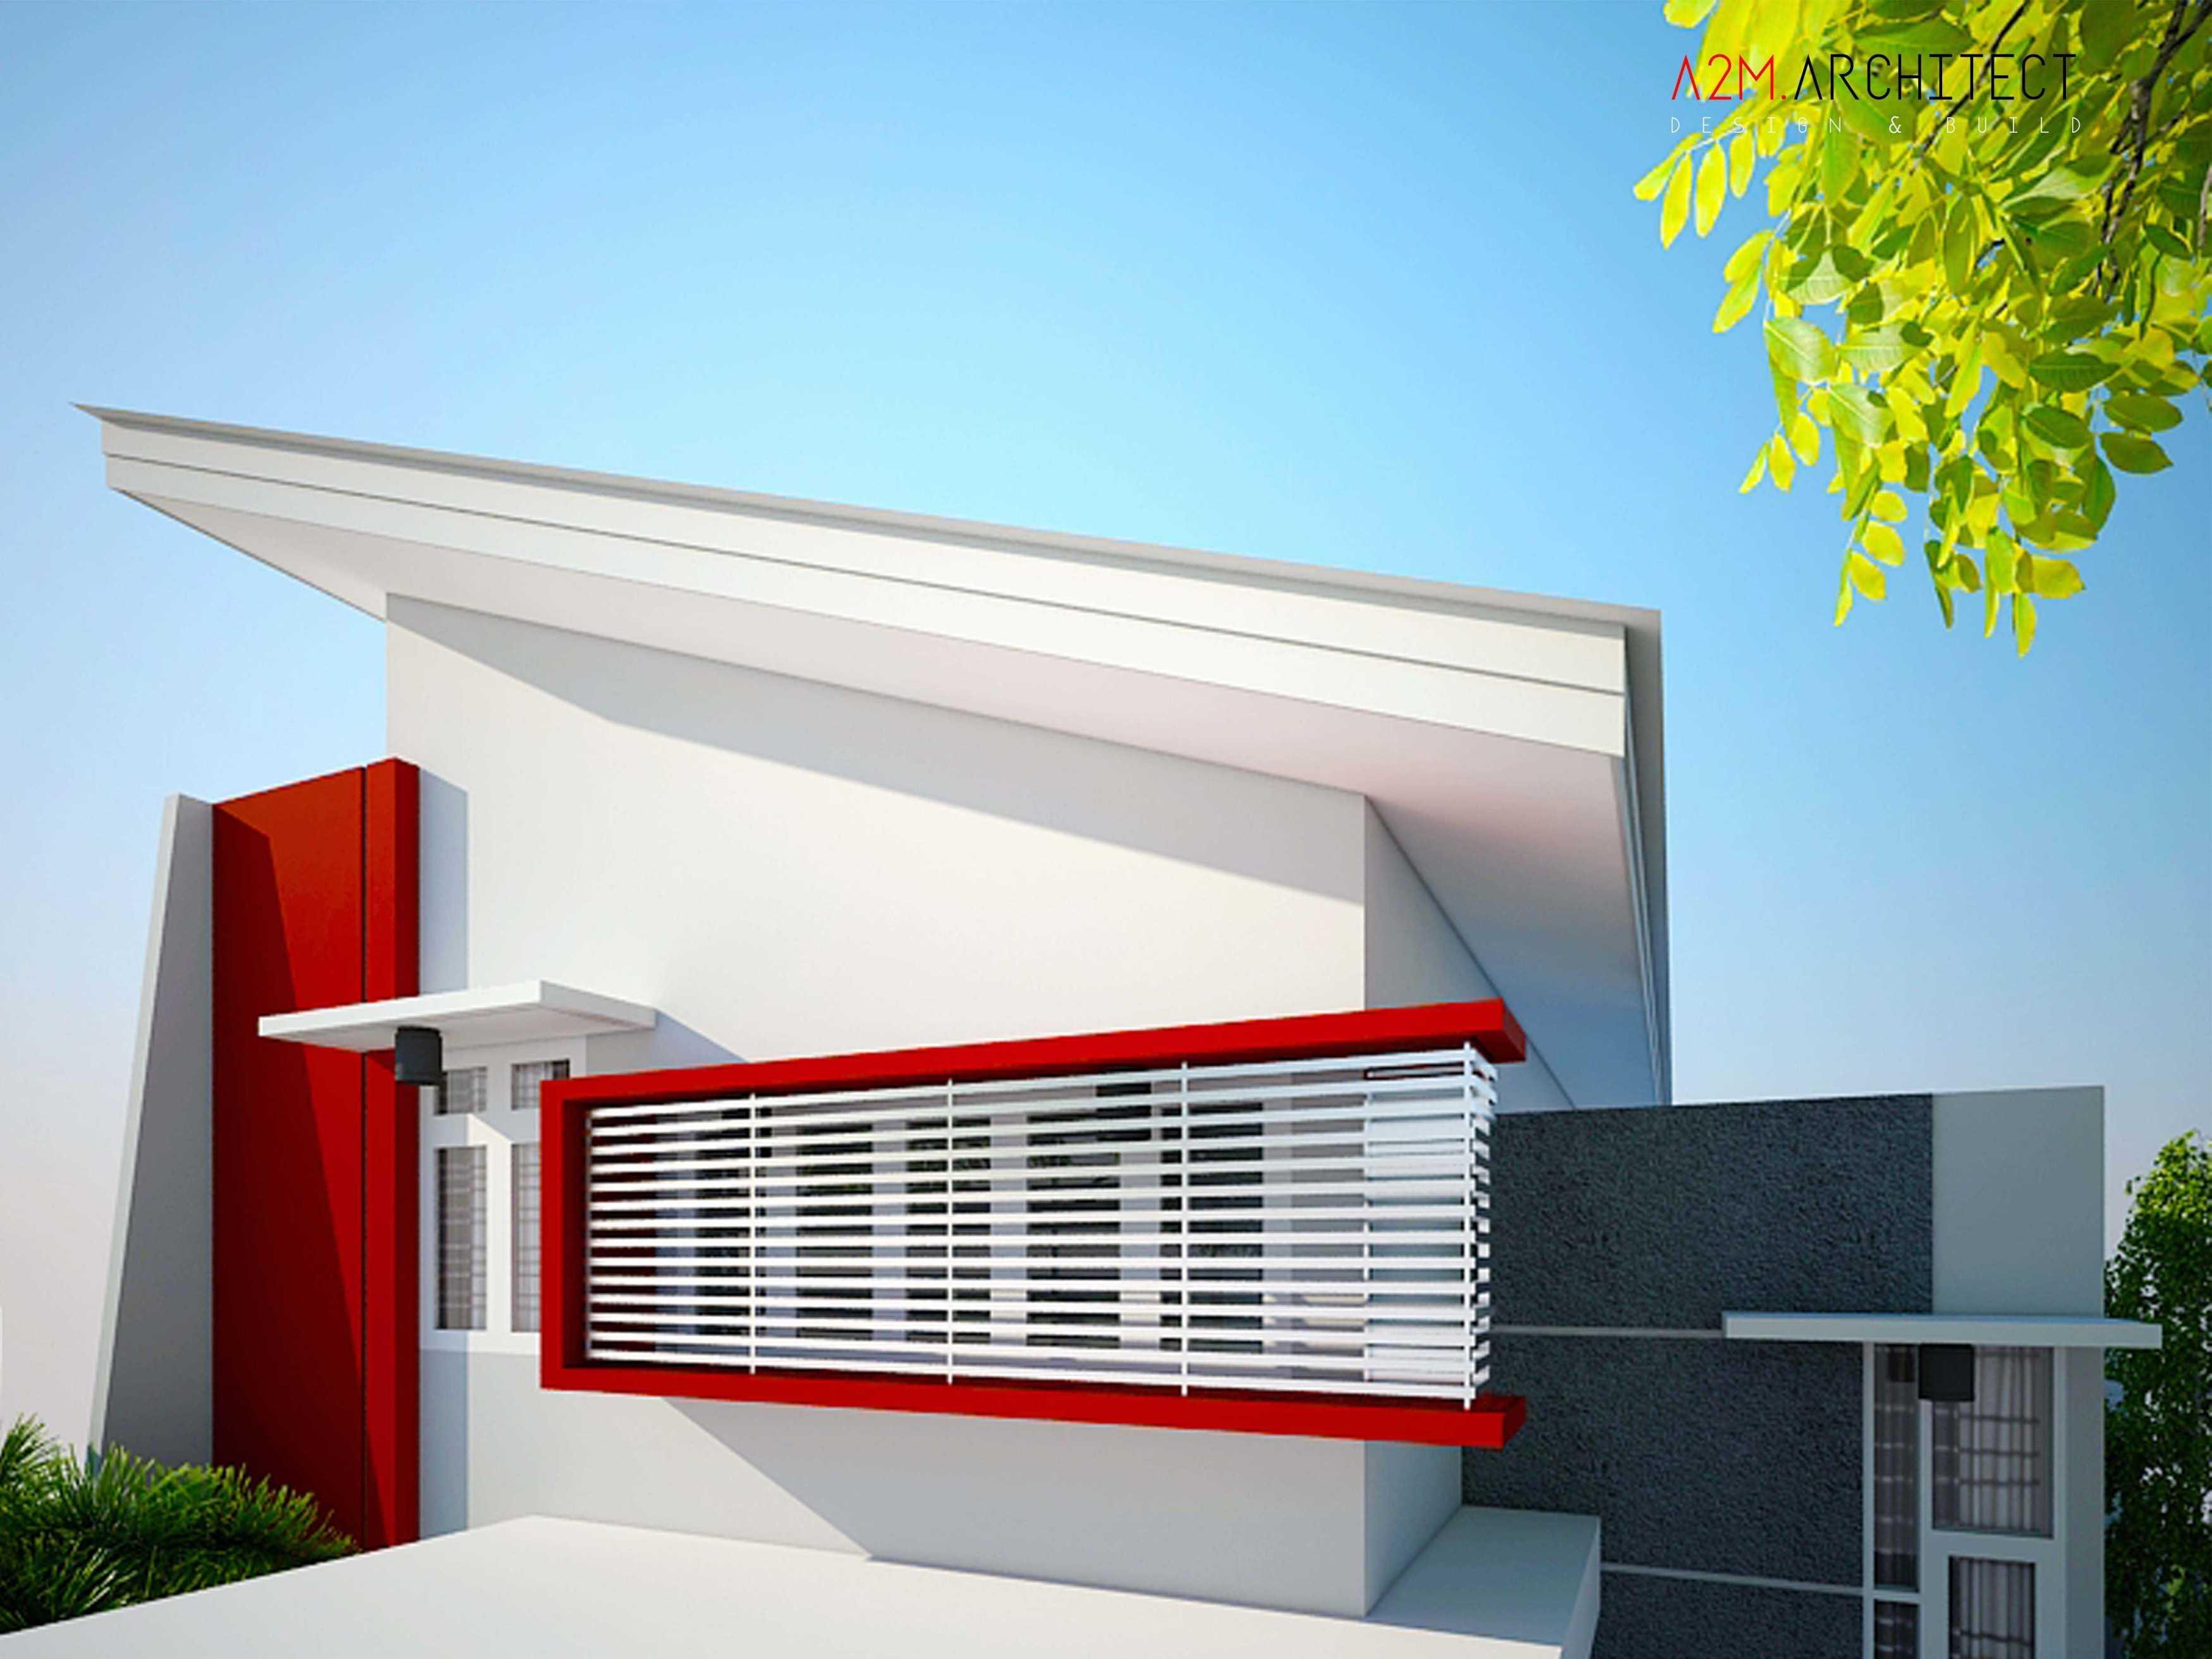 A2M Architect Indo H R House Kota Makassar, Sulawesi Selatan, Indonesia Kota Makassar, Sulawesi Selatan, Indonesia Exterior View Kontemporer  46518